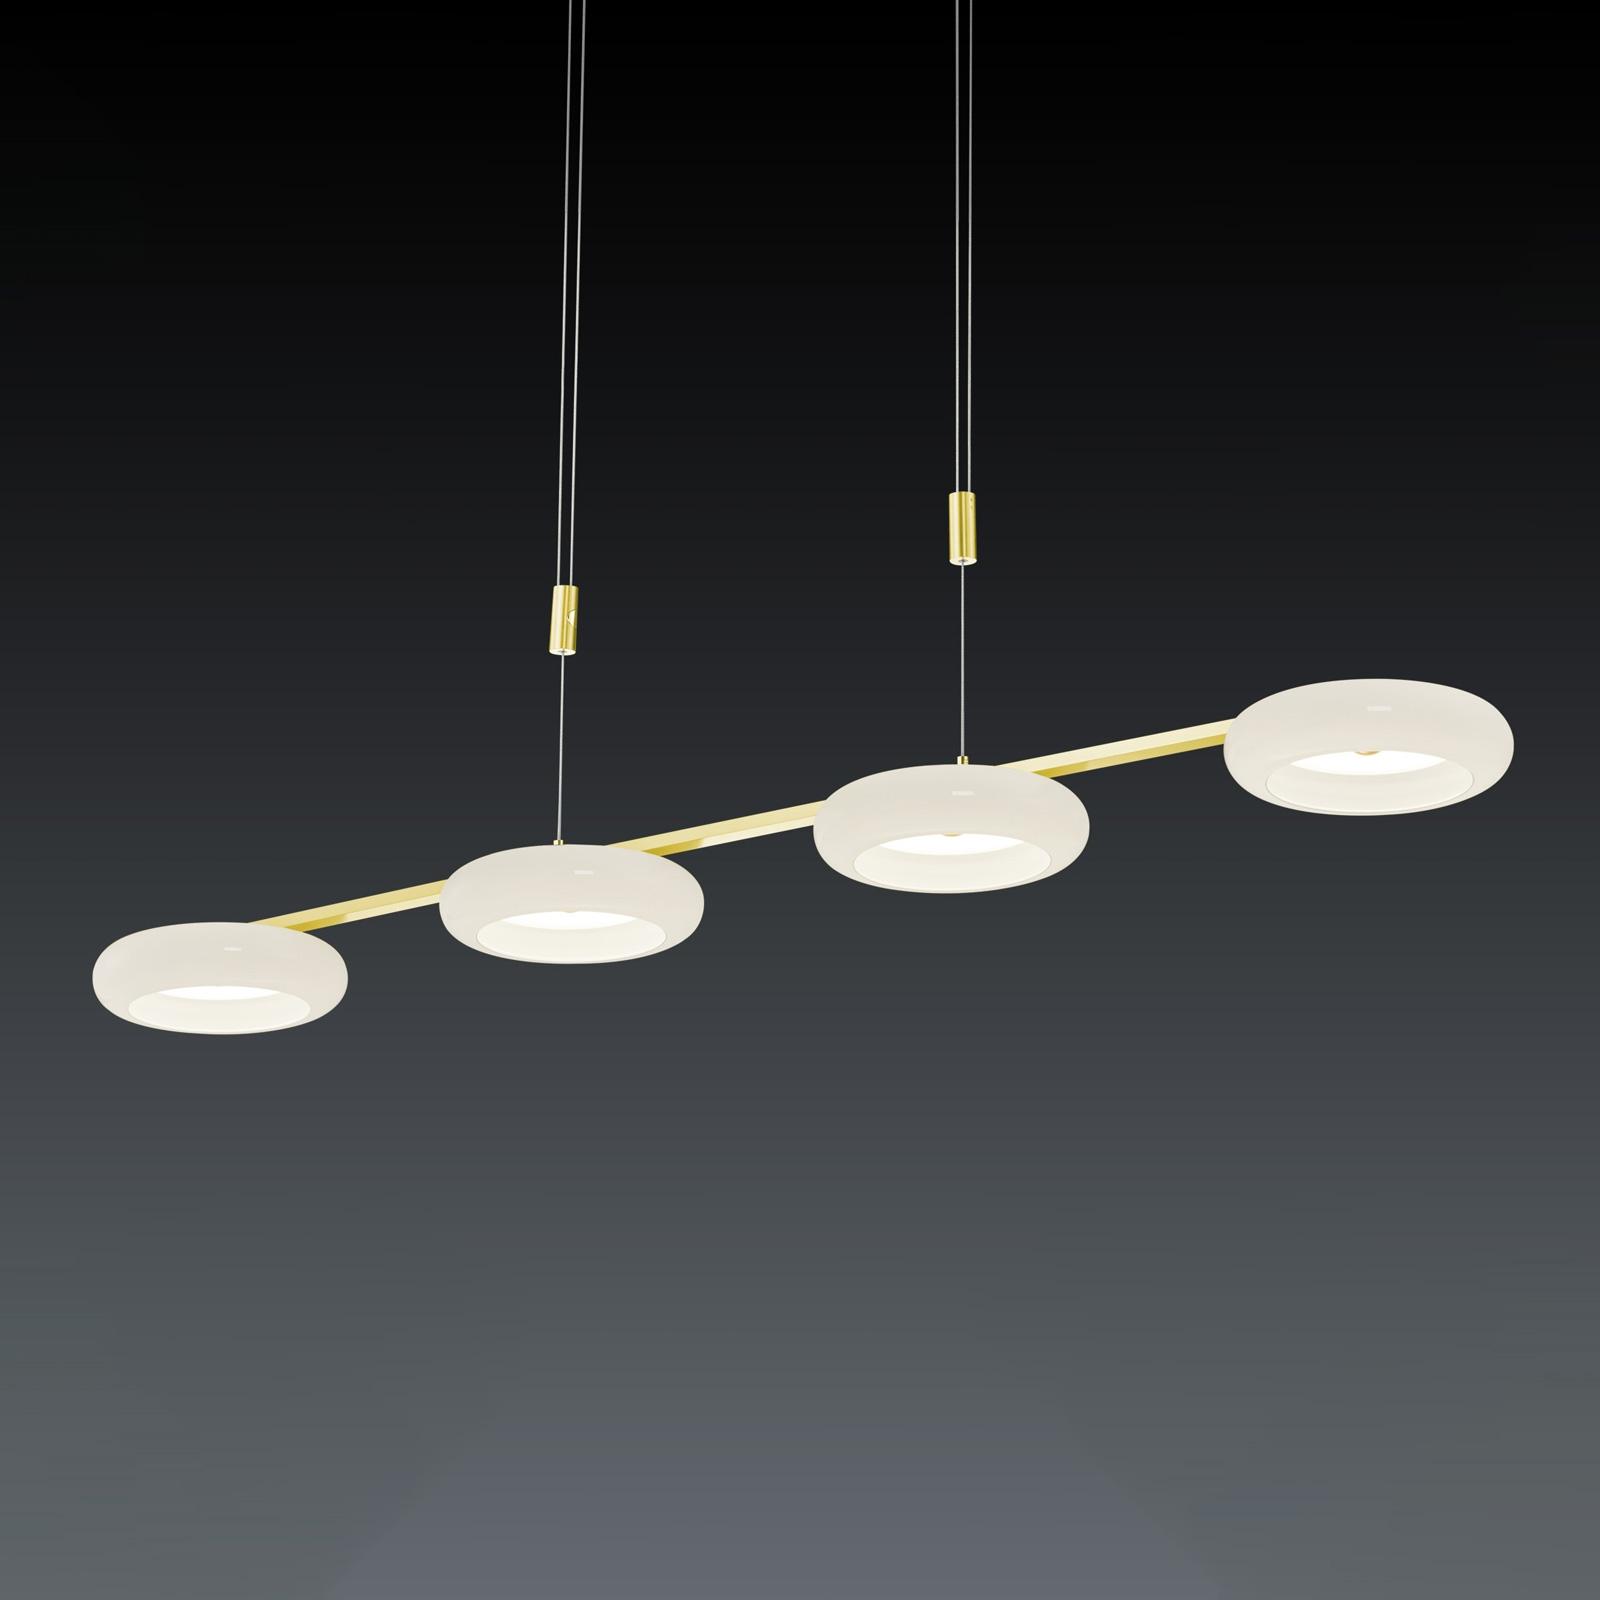 BANKAMP Centa hanglamp 4-lamps wit/messing